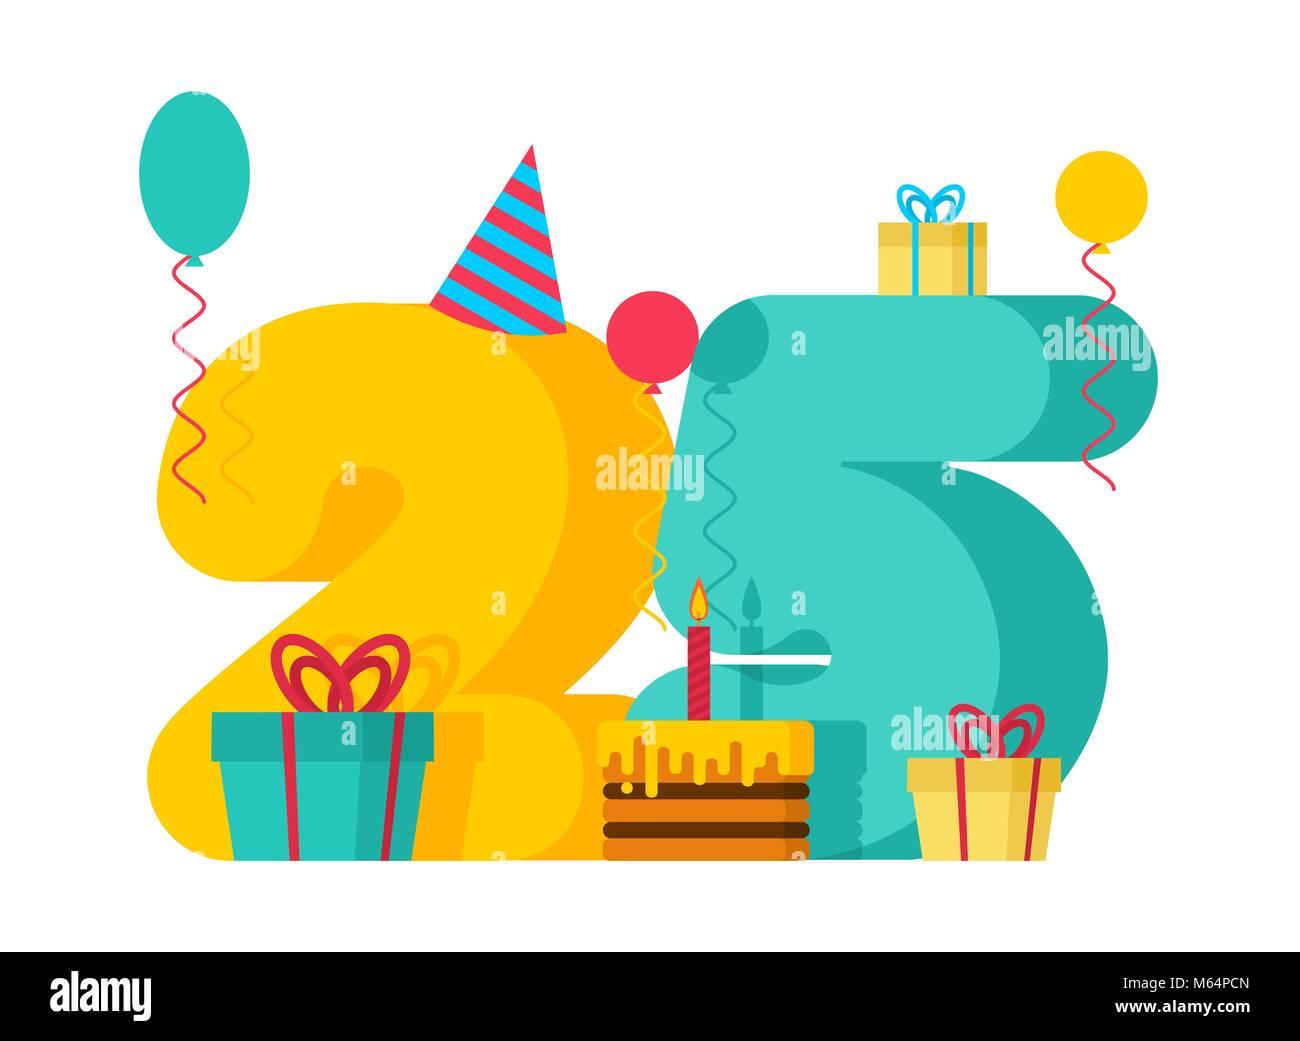 joyeux anniversaire 25 ans carte de v ux festivit s du 25e anniversaire de mod le vingt cinq. Black Bedroom Furniture Sets. Home Design Ideas